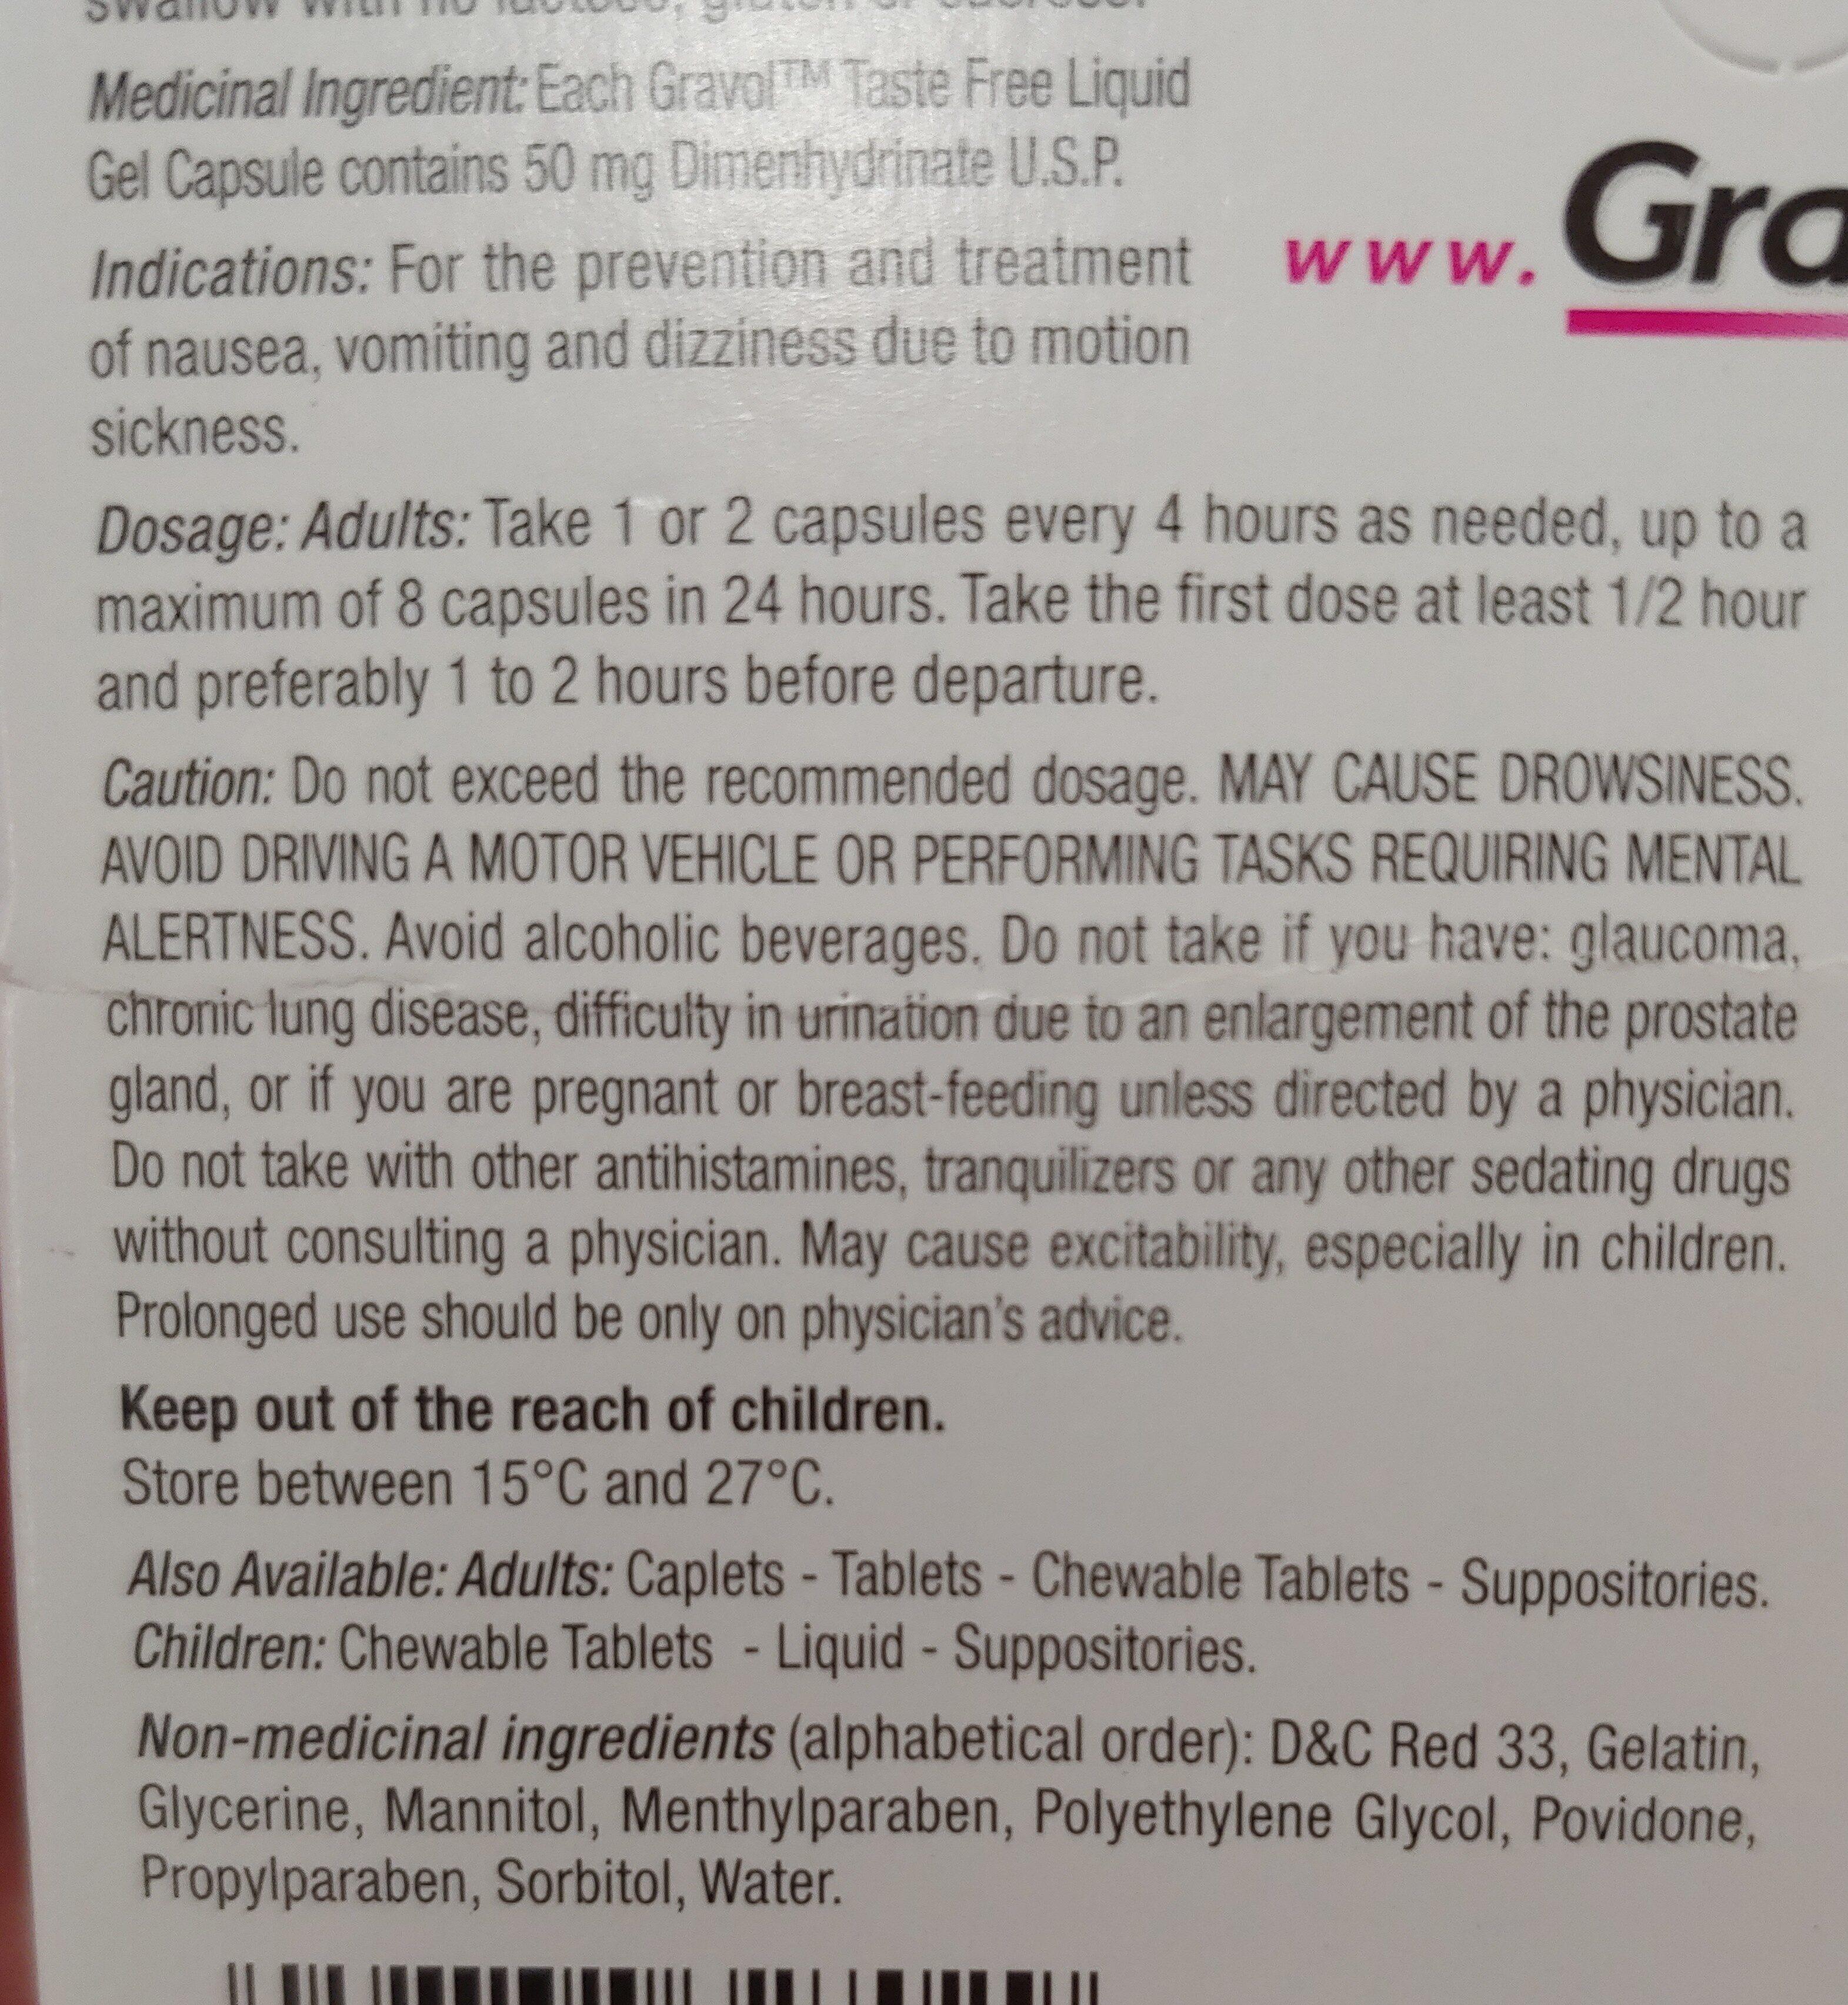 Gravol Liquid Gel Capsules - Ingredients - en